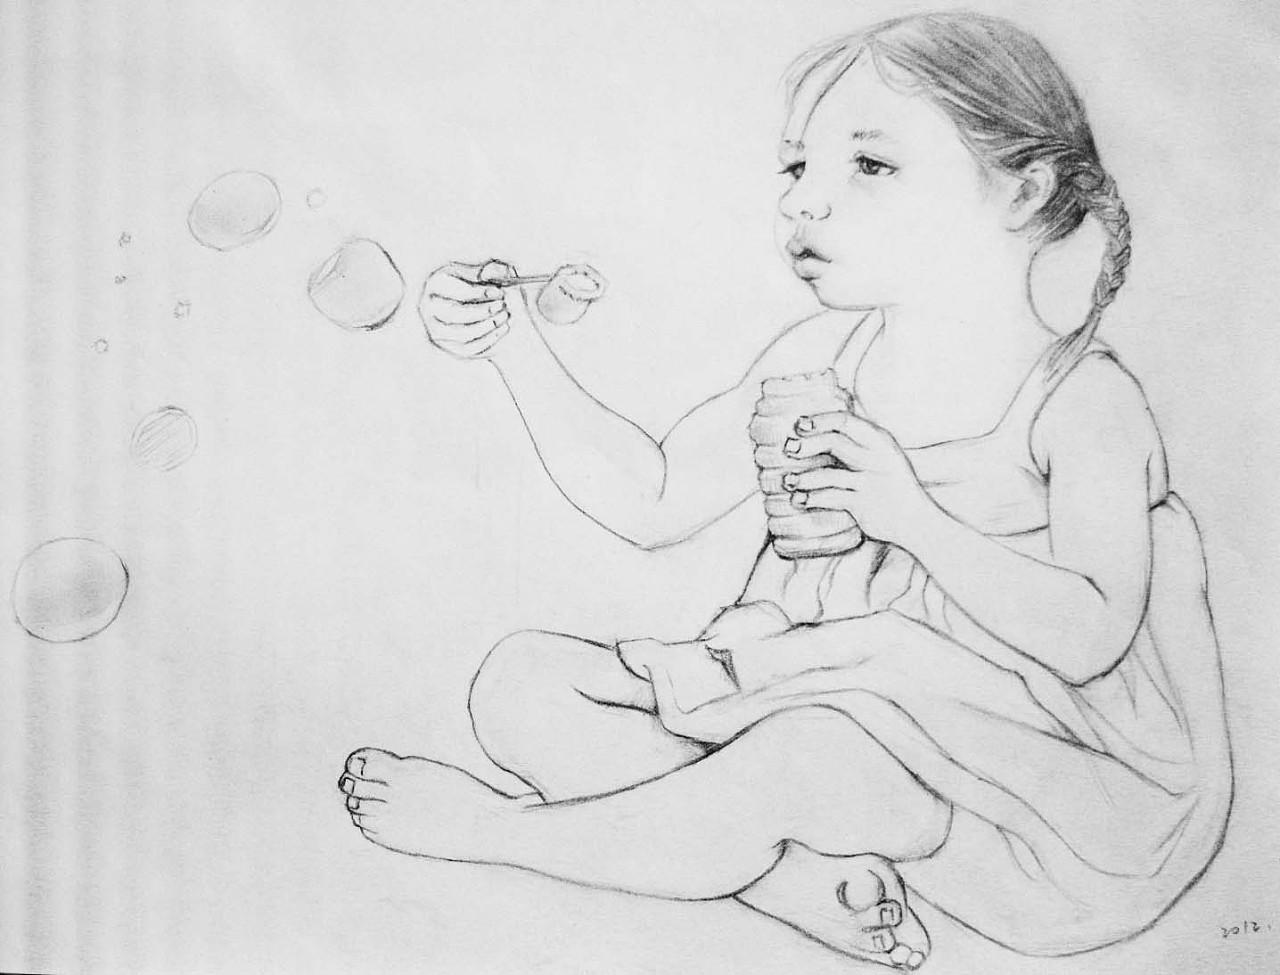 九月q版手绘图片 铅笔